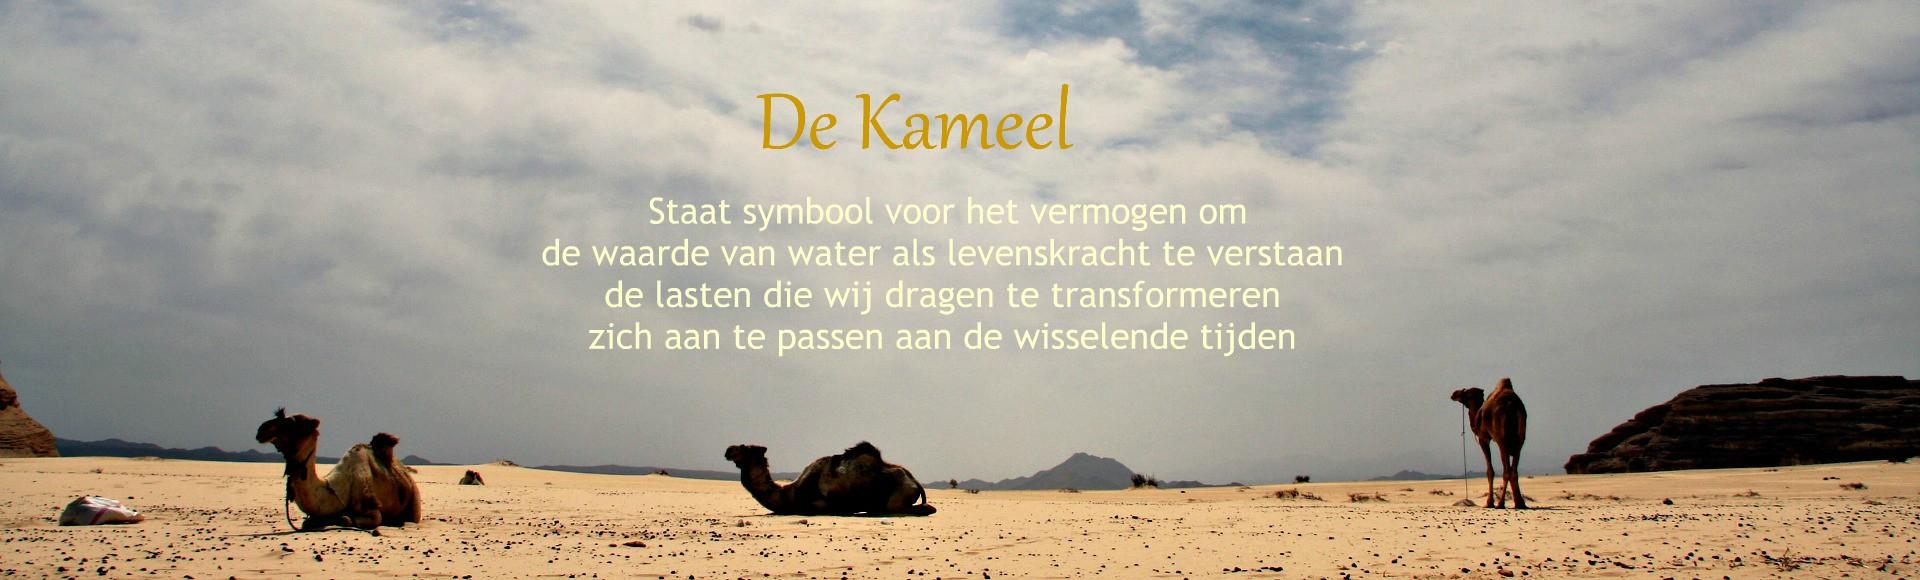 de kameel symboliseert - stichting dalel